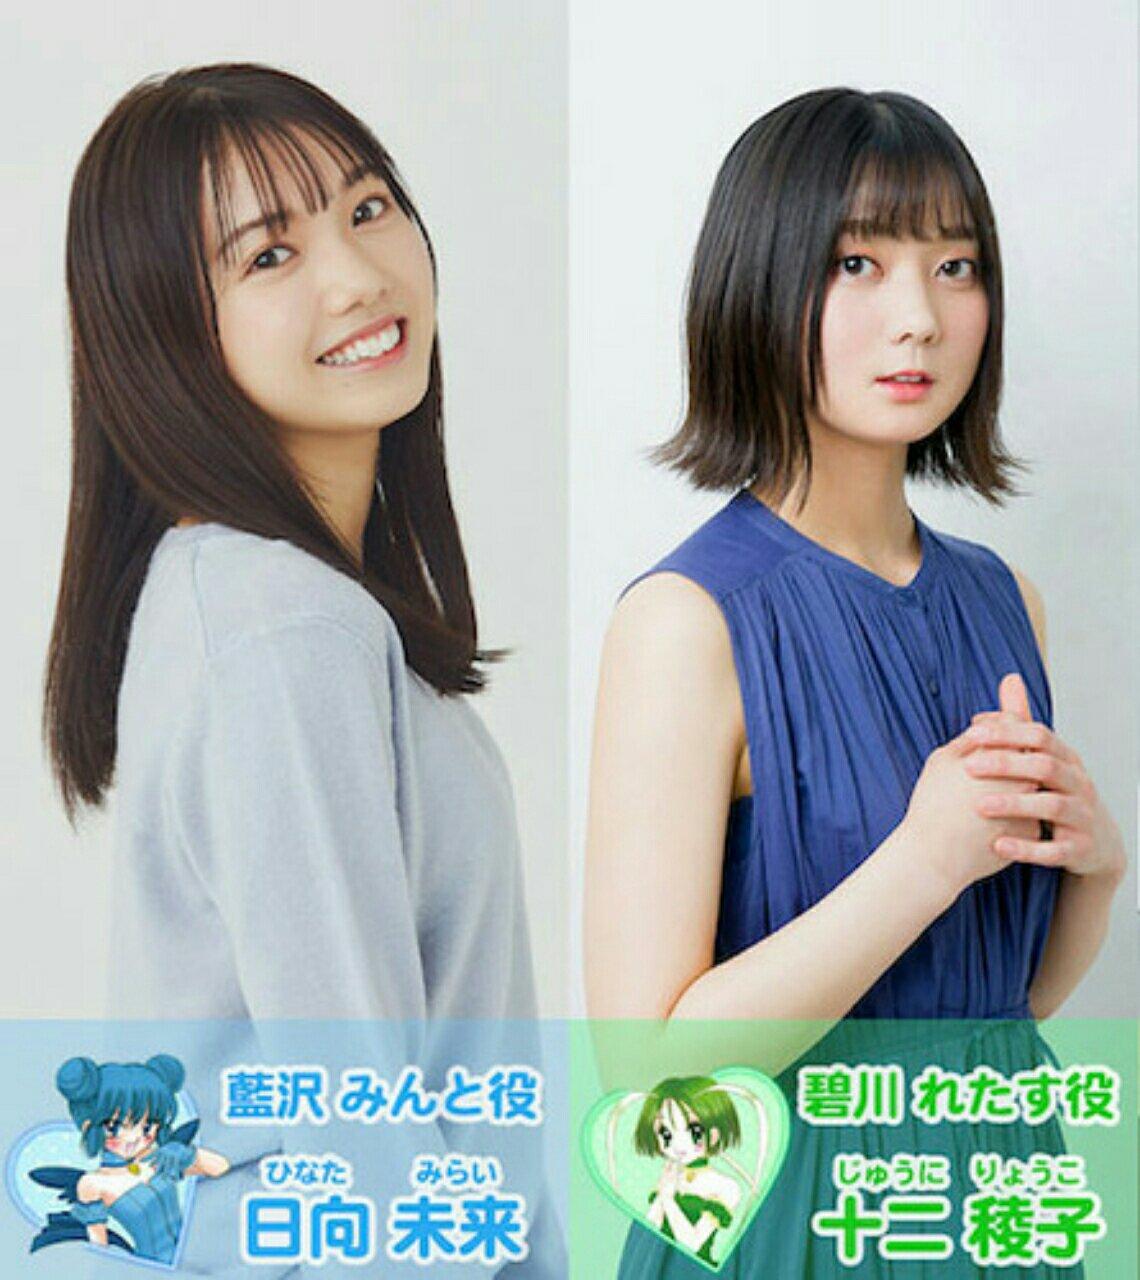 Anime Tokyo Mew Mew New Ungkap Staf Utama dan Kapan Tayangnya 4